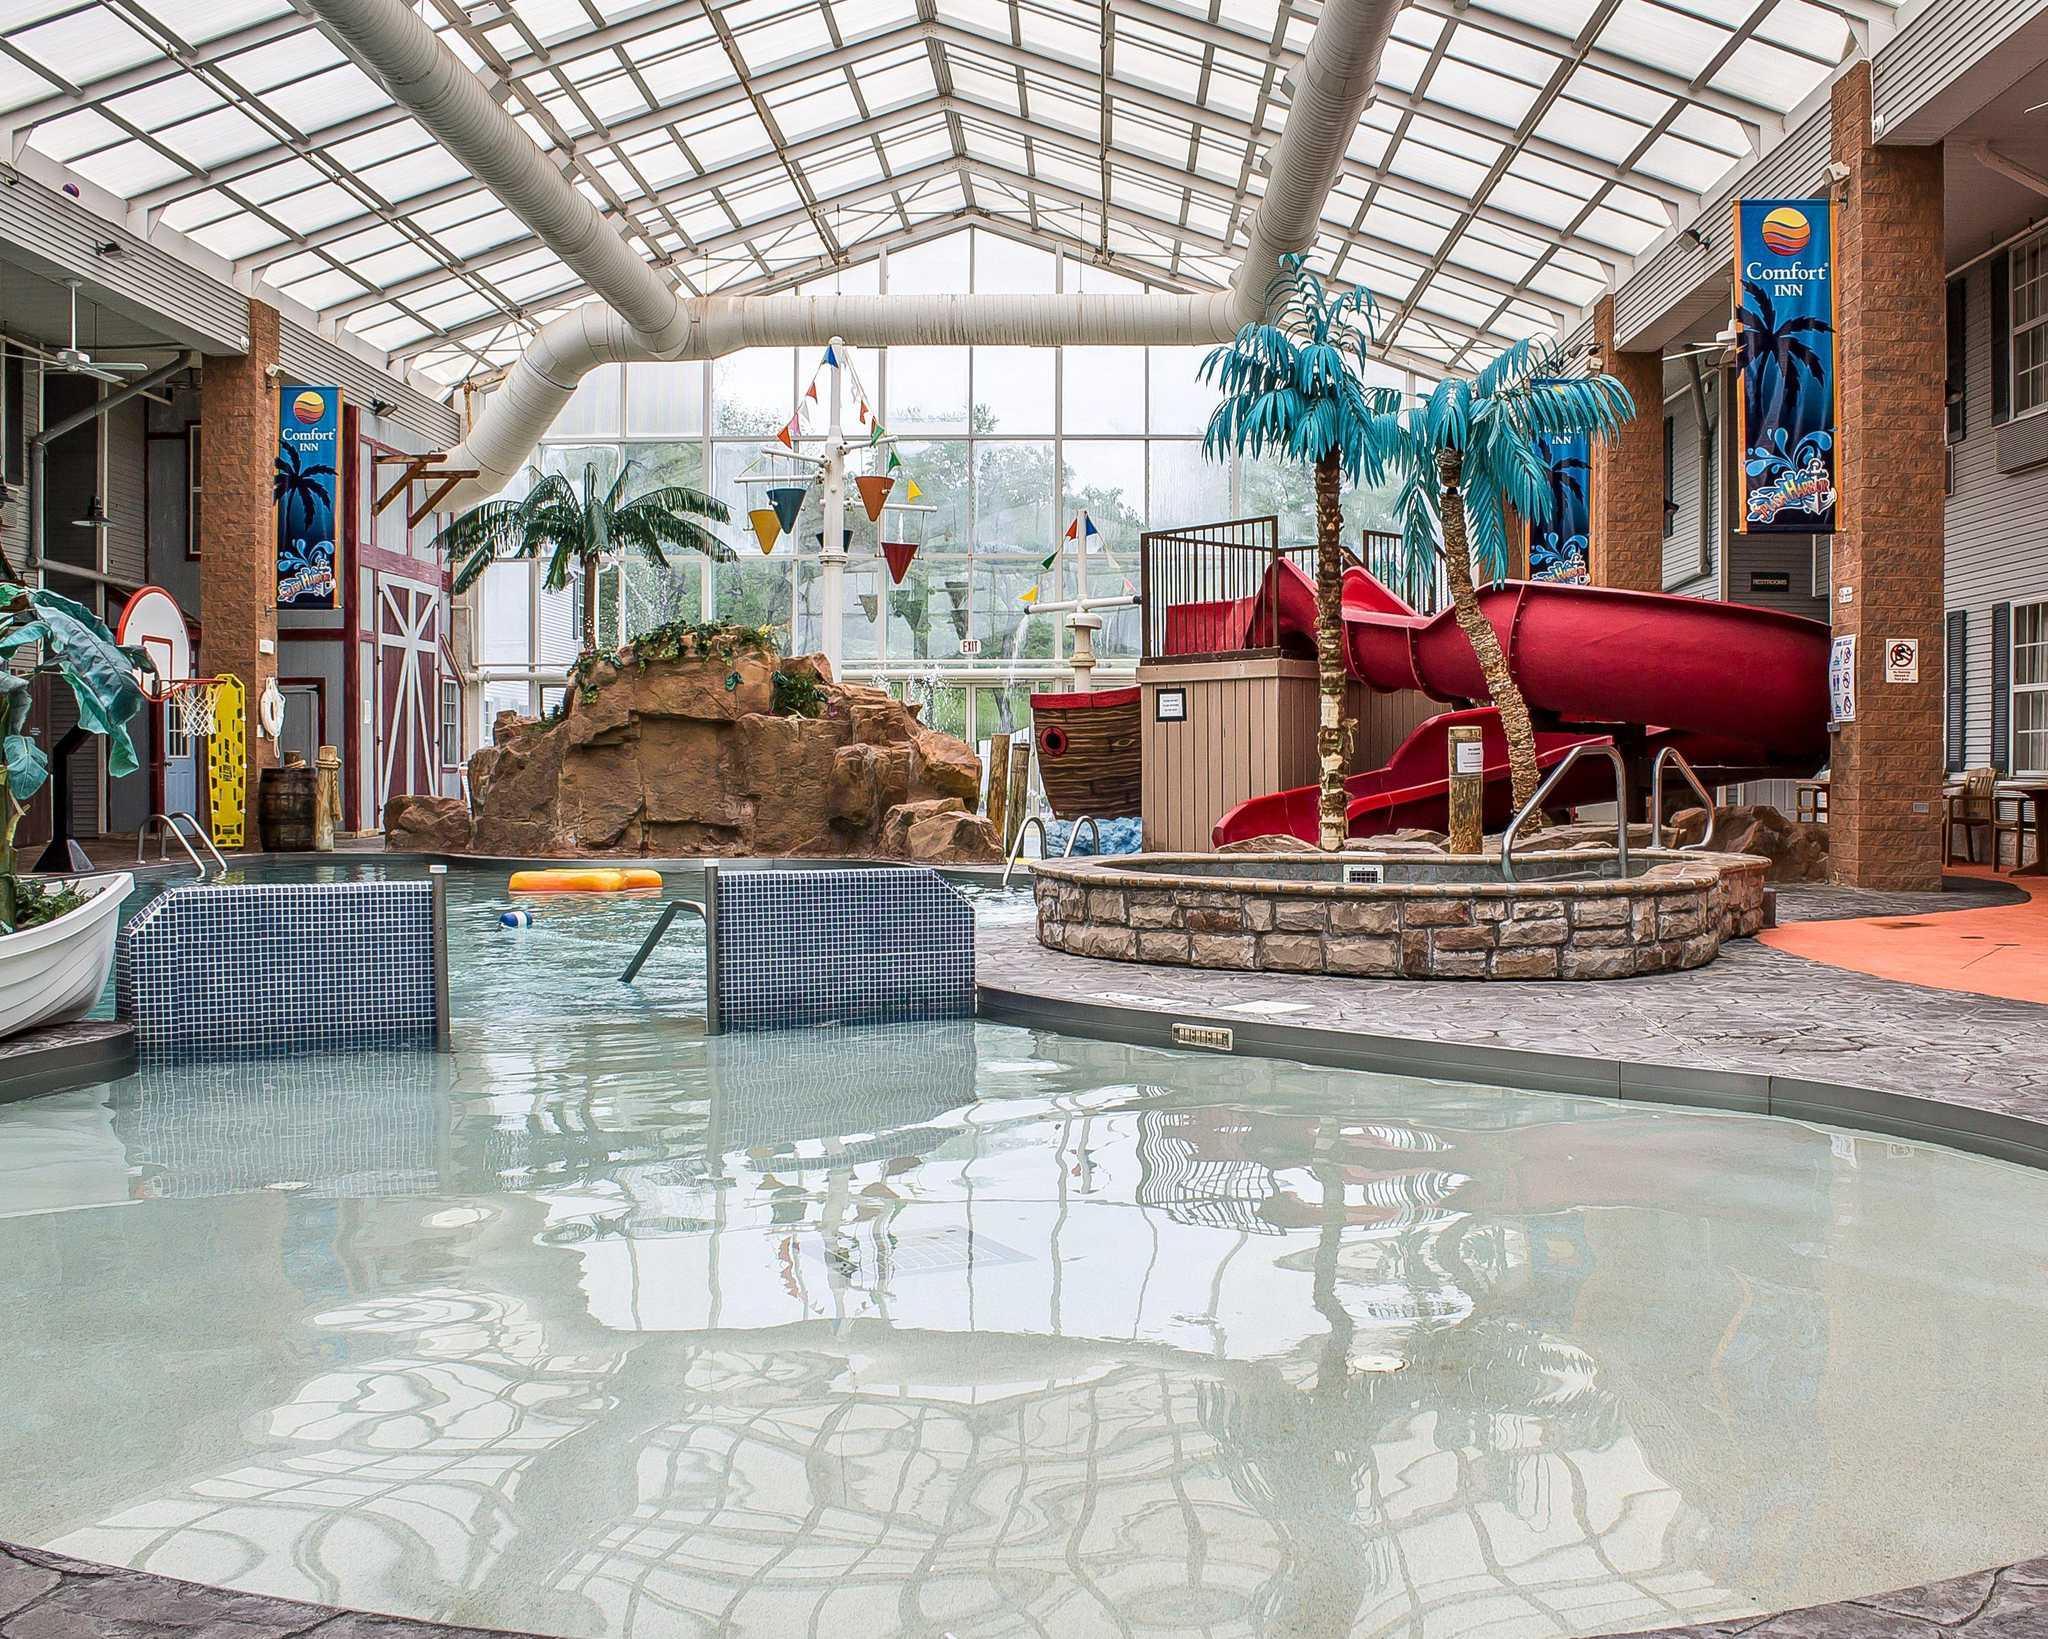 Comfort Inn Splash Harbor image 18